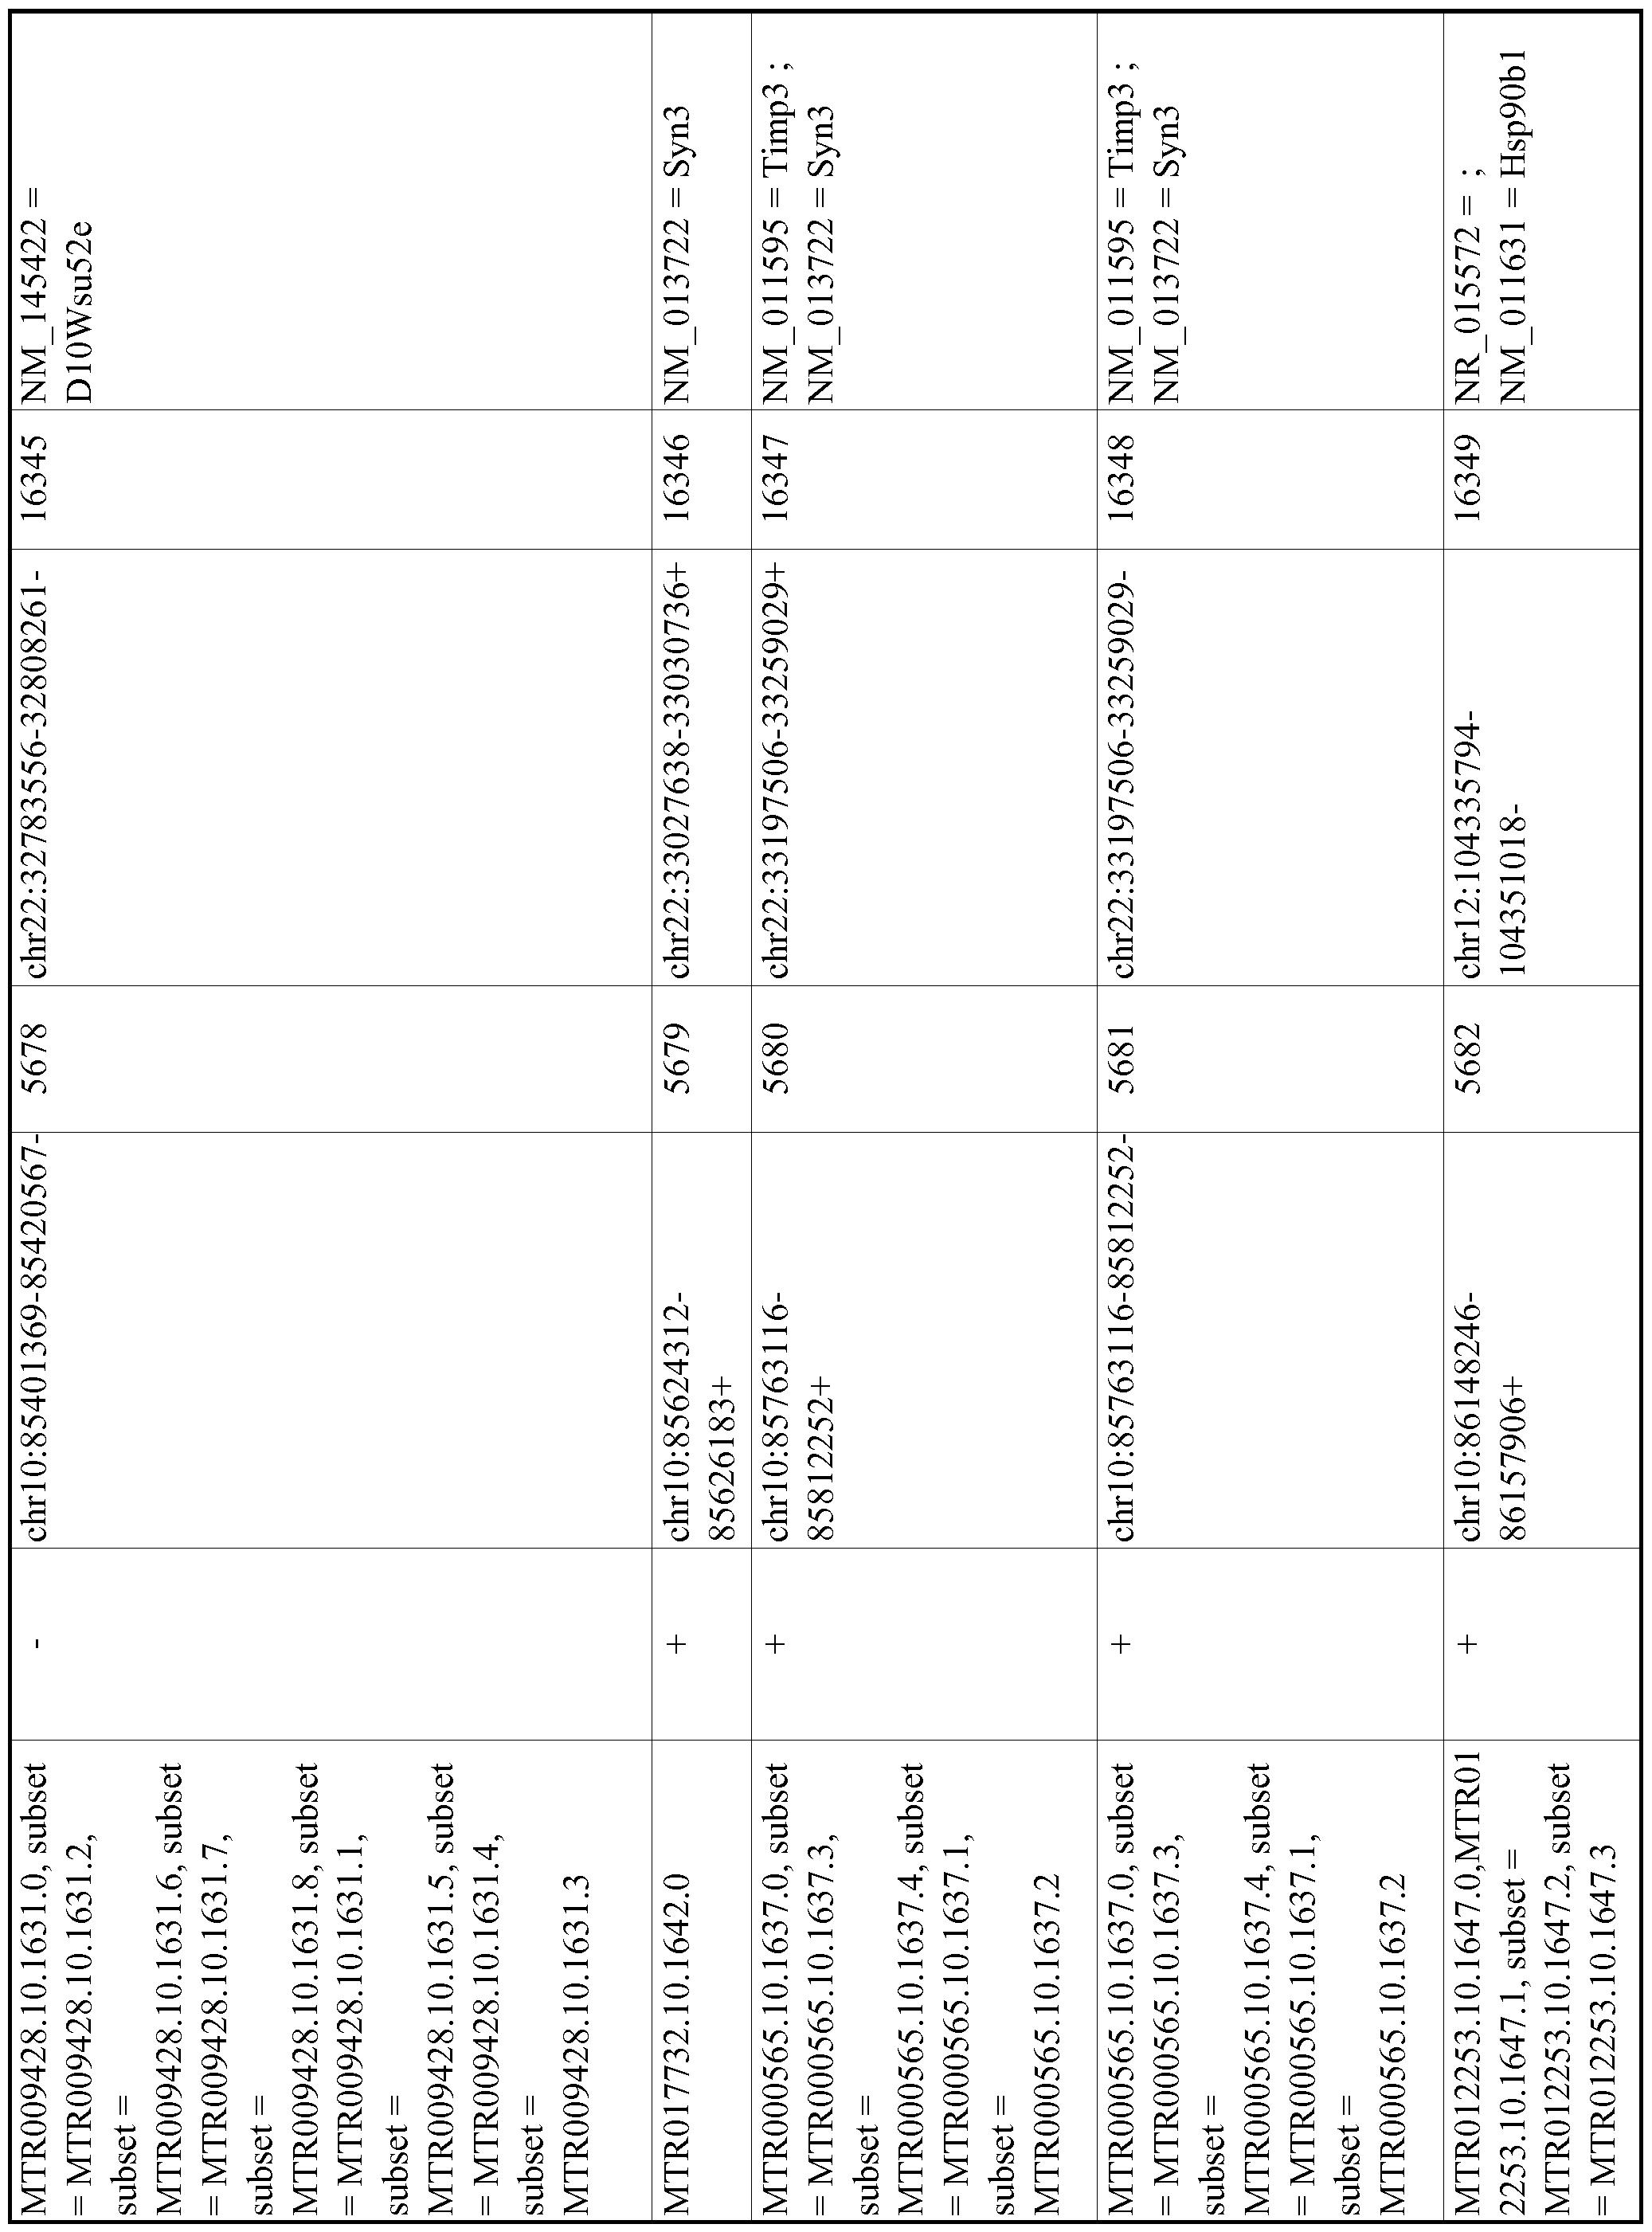 Figure imgf001023_0001